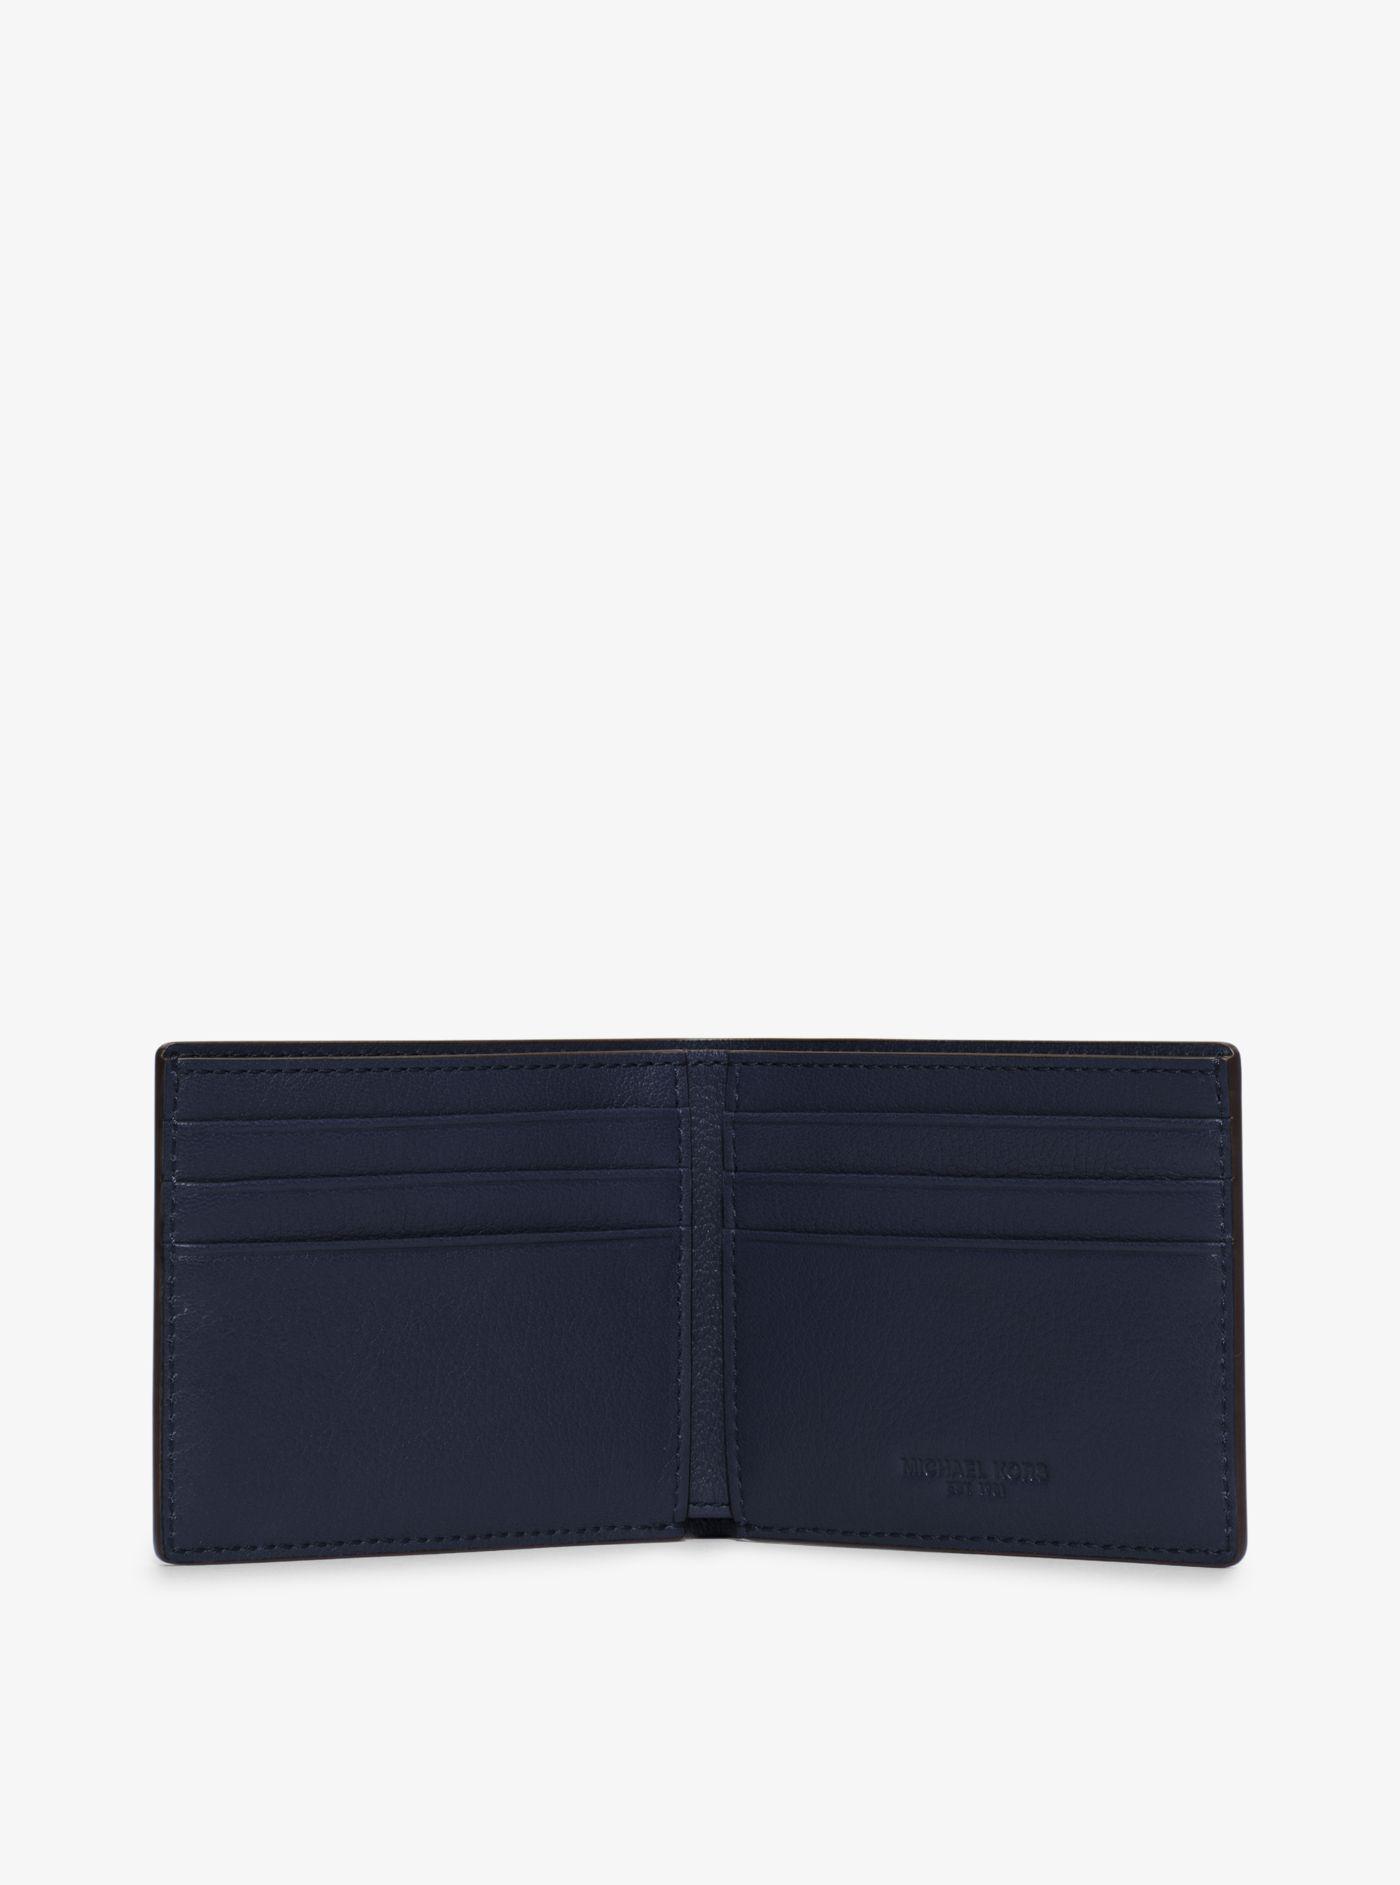 83b6b31b5616 Michael Kors Bryant Slim Leather Billfold Wallet in Black for Men - Lyst